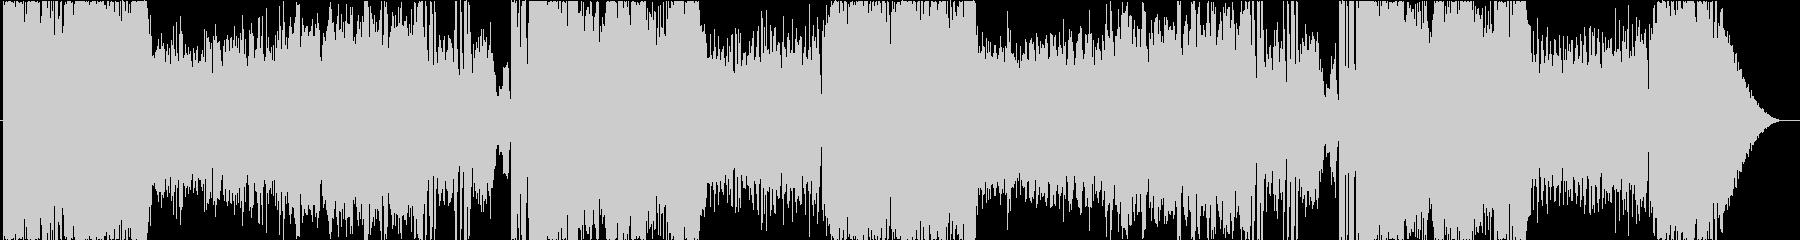 フルオーケストラのボス戦ループ曲の未再生の波形